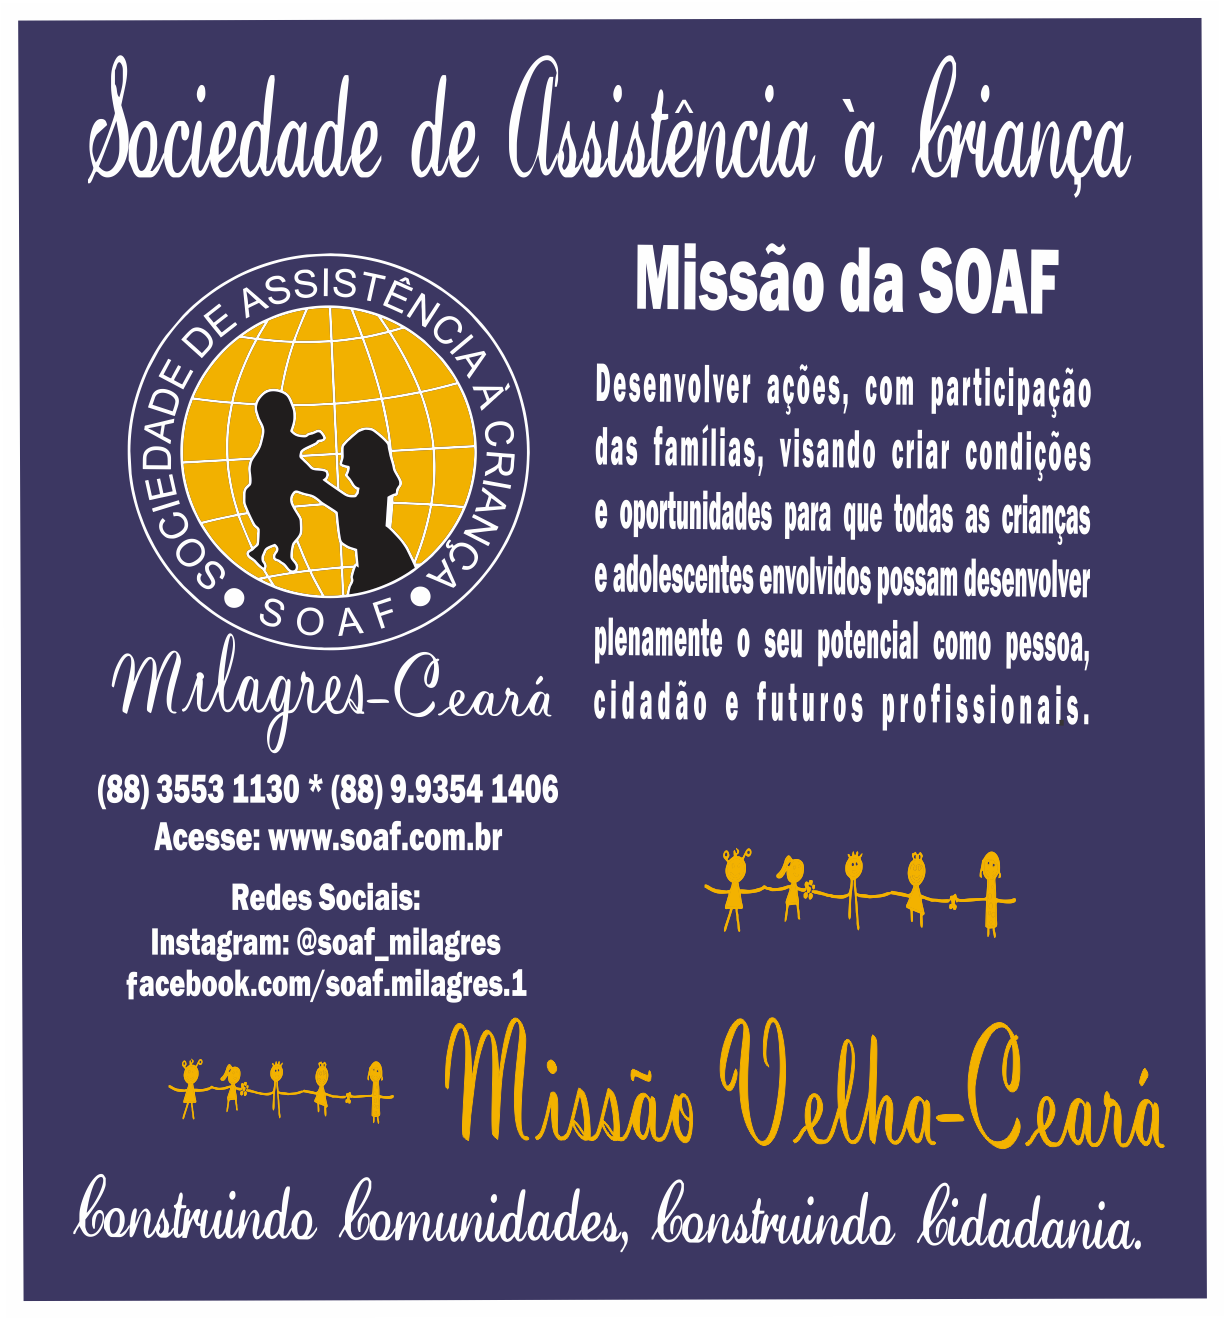 SOAF expande área de atuação para Missão Velha